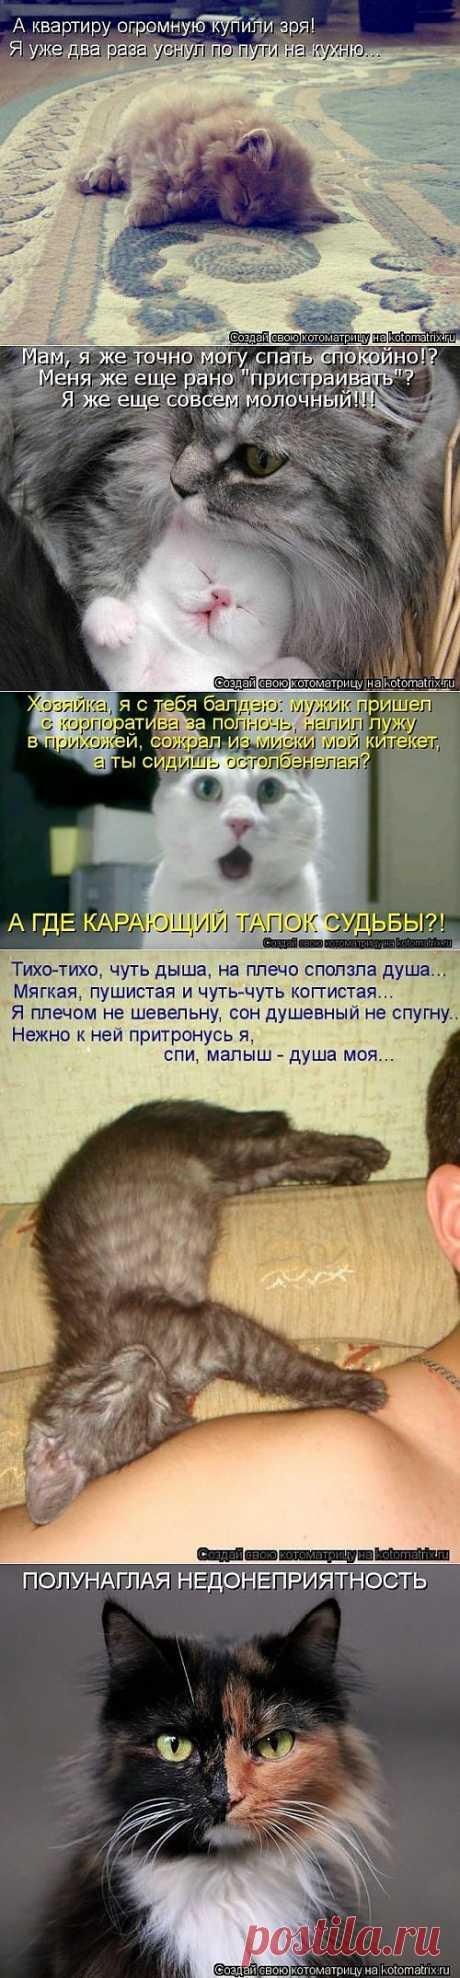 Лучшая котоматрица за неделю / Питомцы